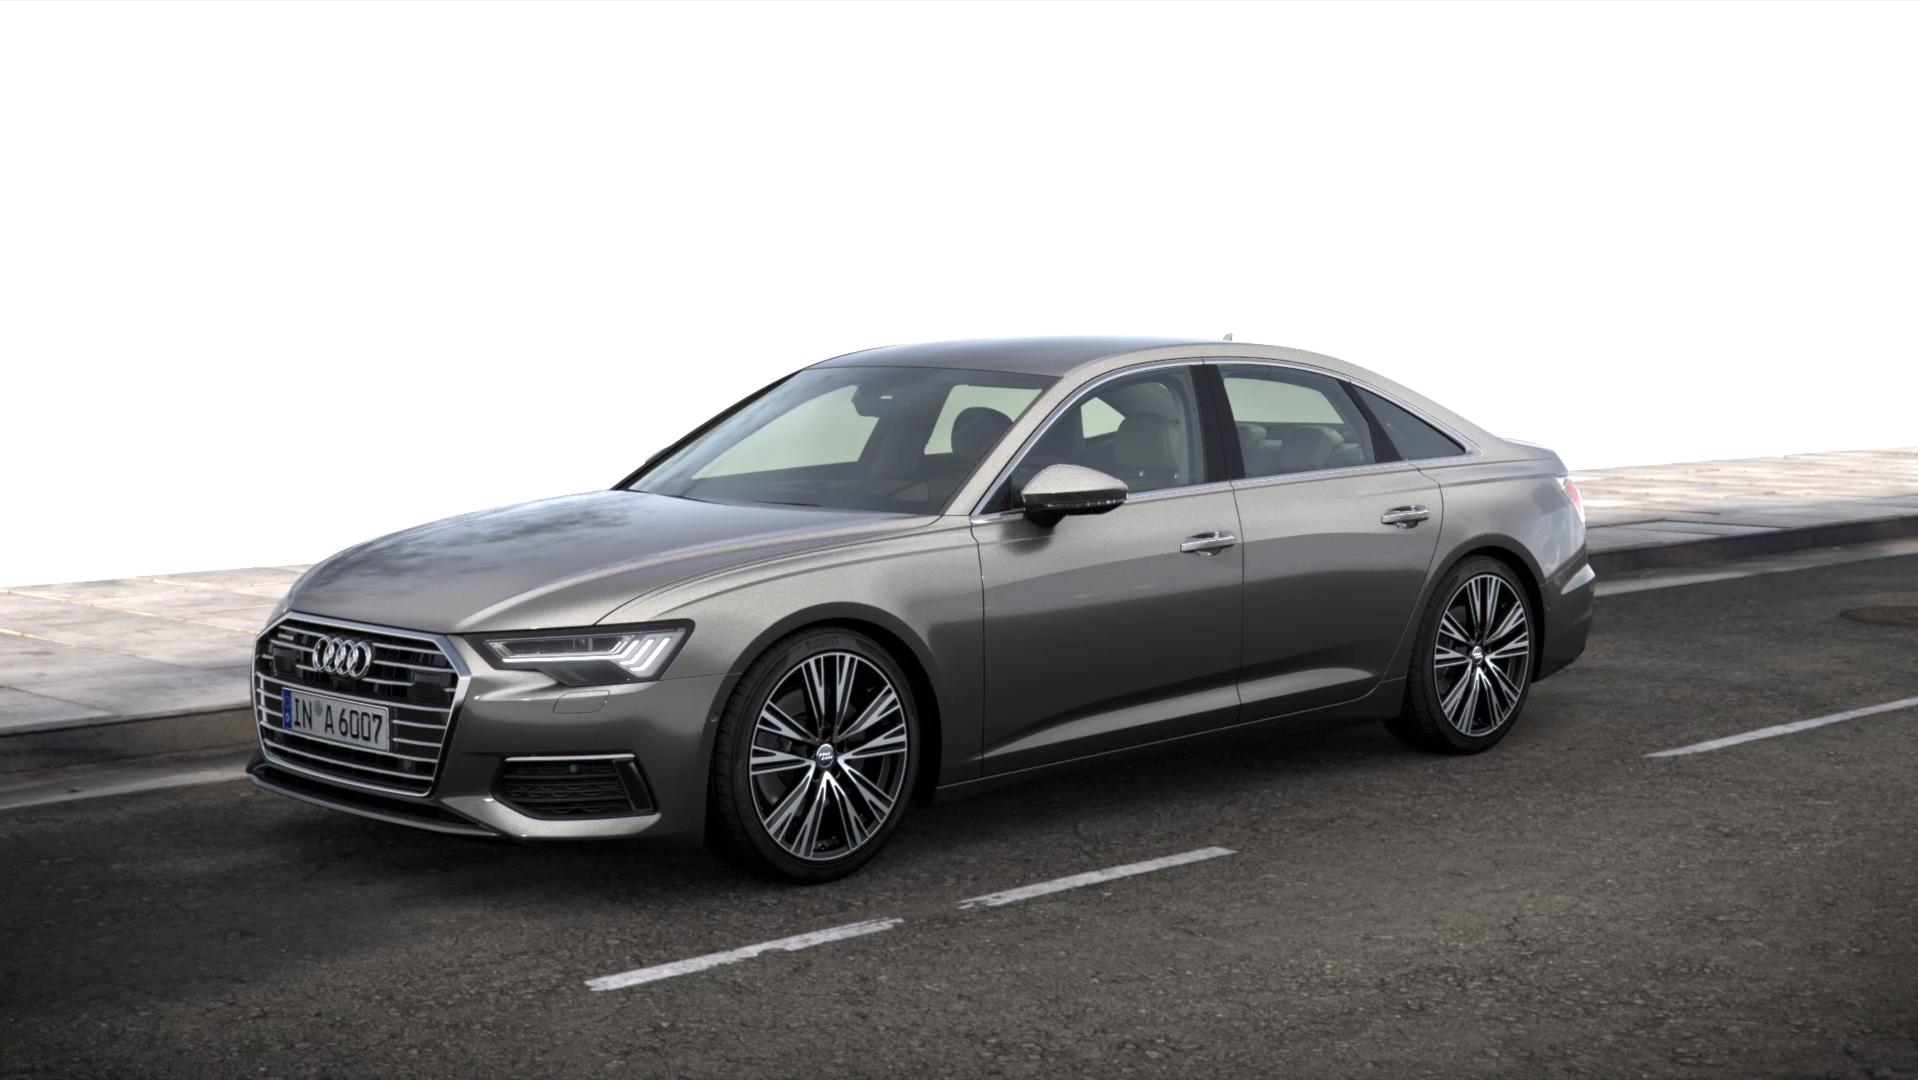 Satılık 2014 model Audi A6